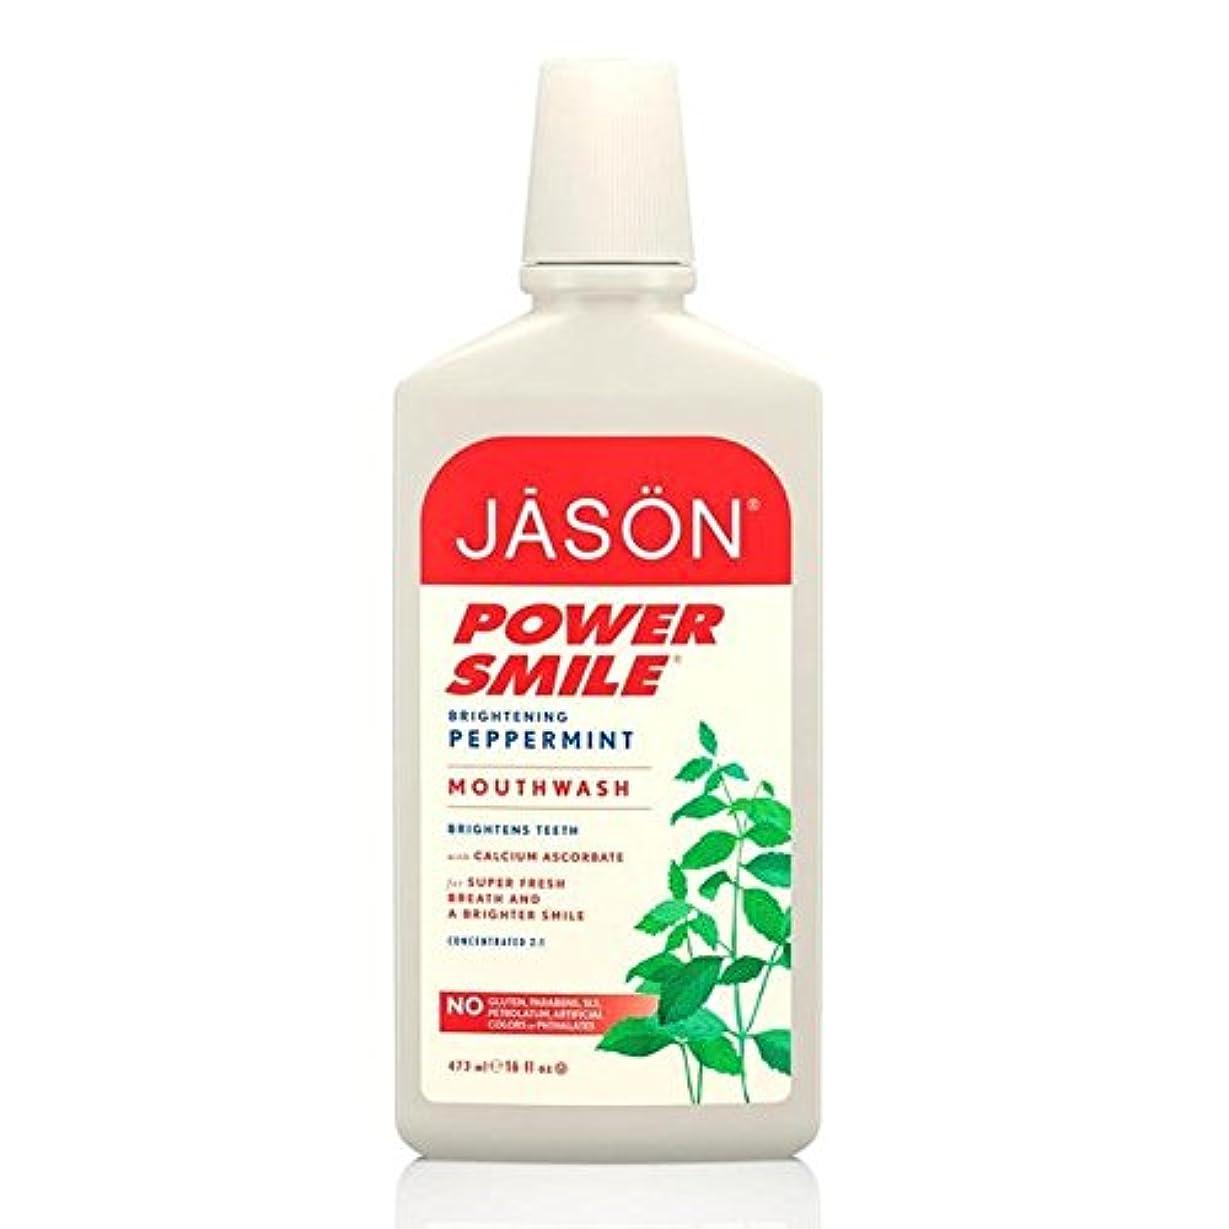 名門偽物注釈を付けるジェイソンマウスウォッシュ480ミリリットル x2 - Jason Powersmile Mouthwash 480ml (Pack of 2) [並行輸入品]